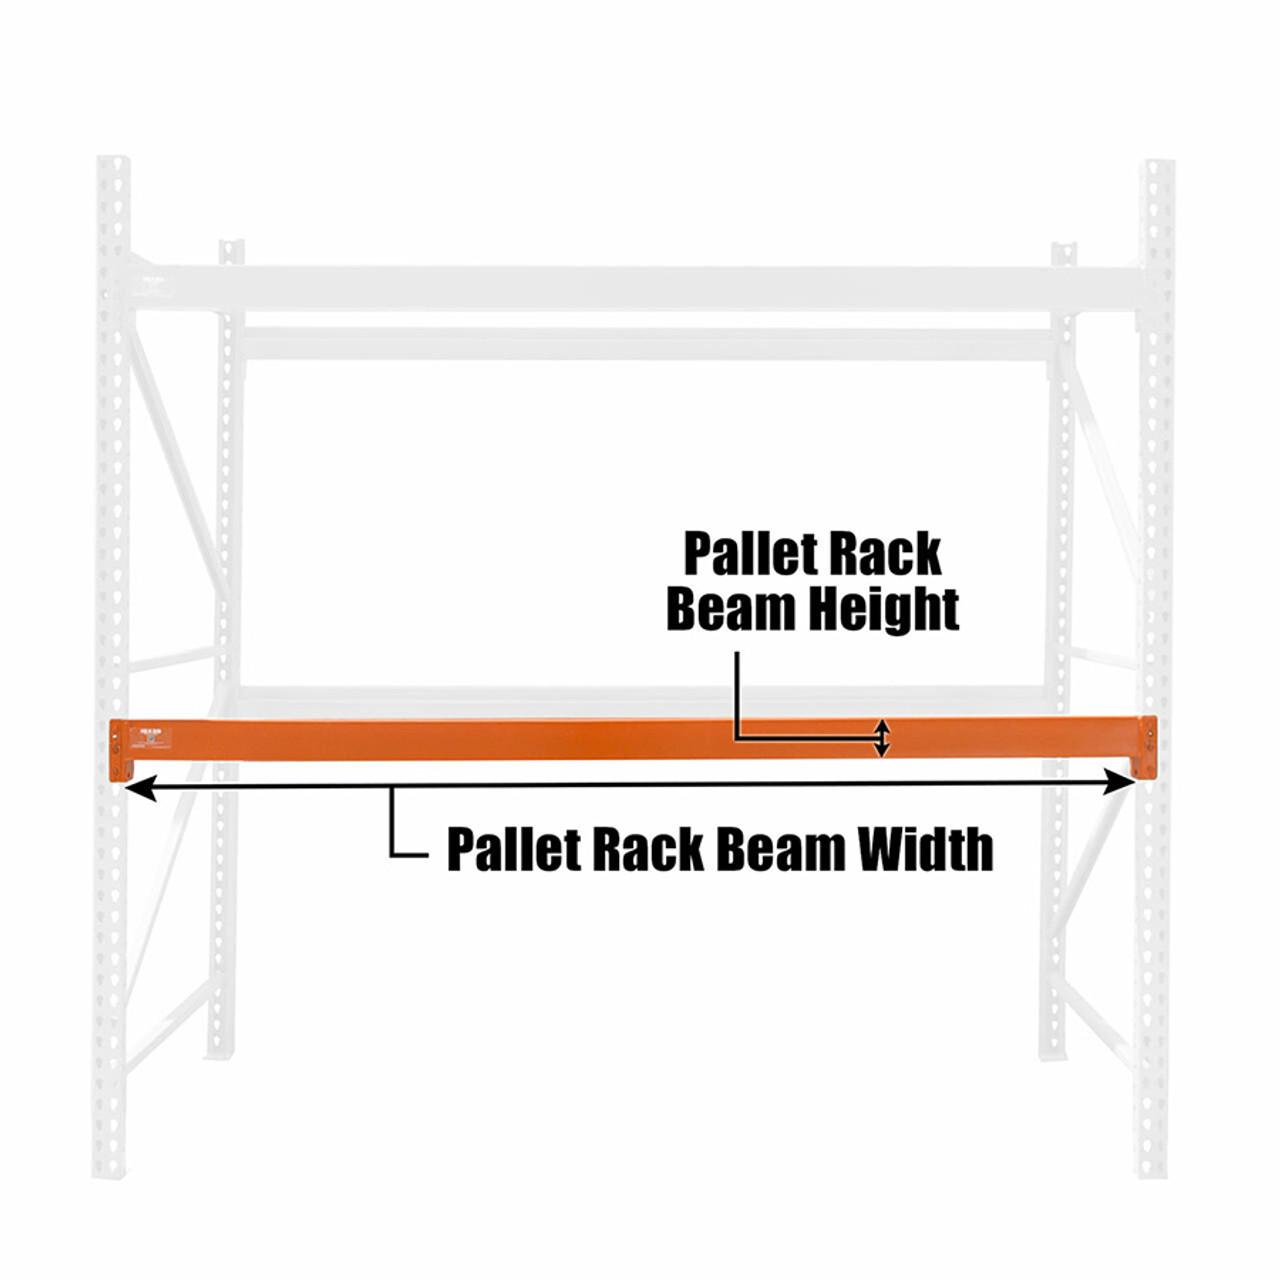 How to measure pallet rack beams